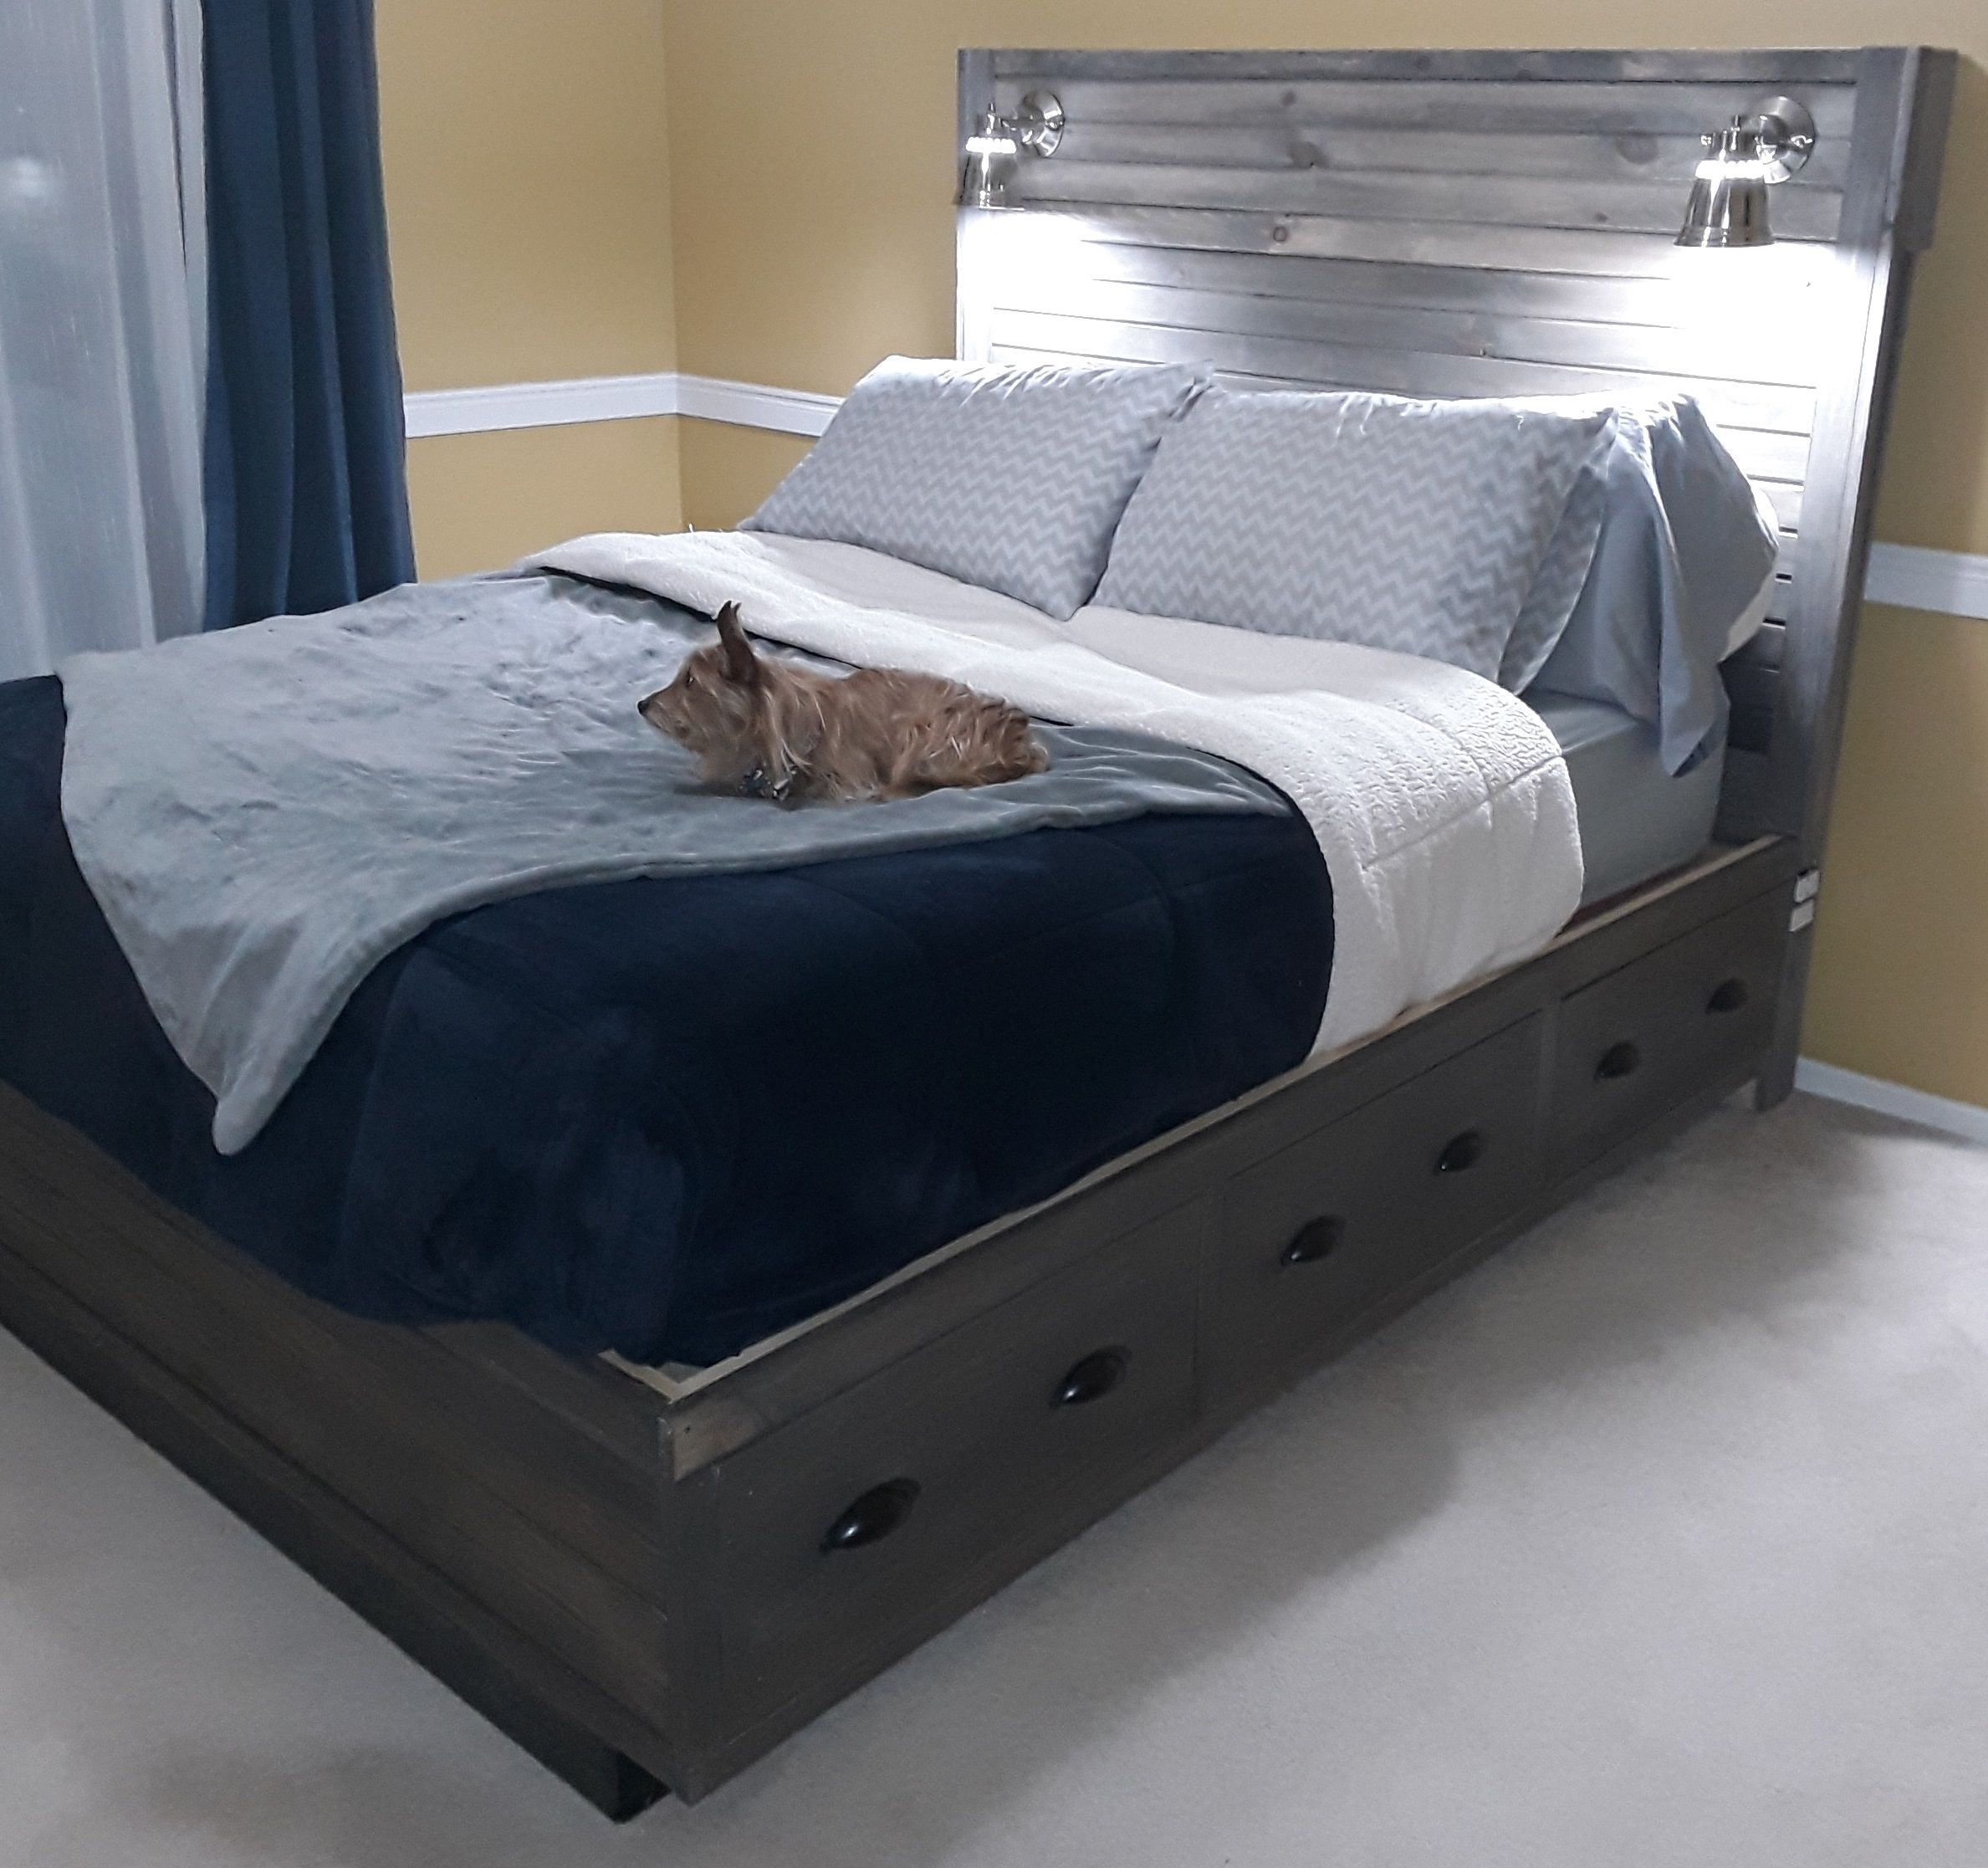 Best Ana White Queen Size Storage Bed With Headboard Storage 640 x 480